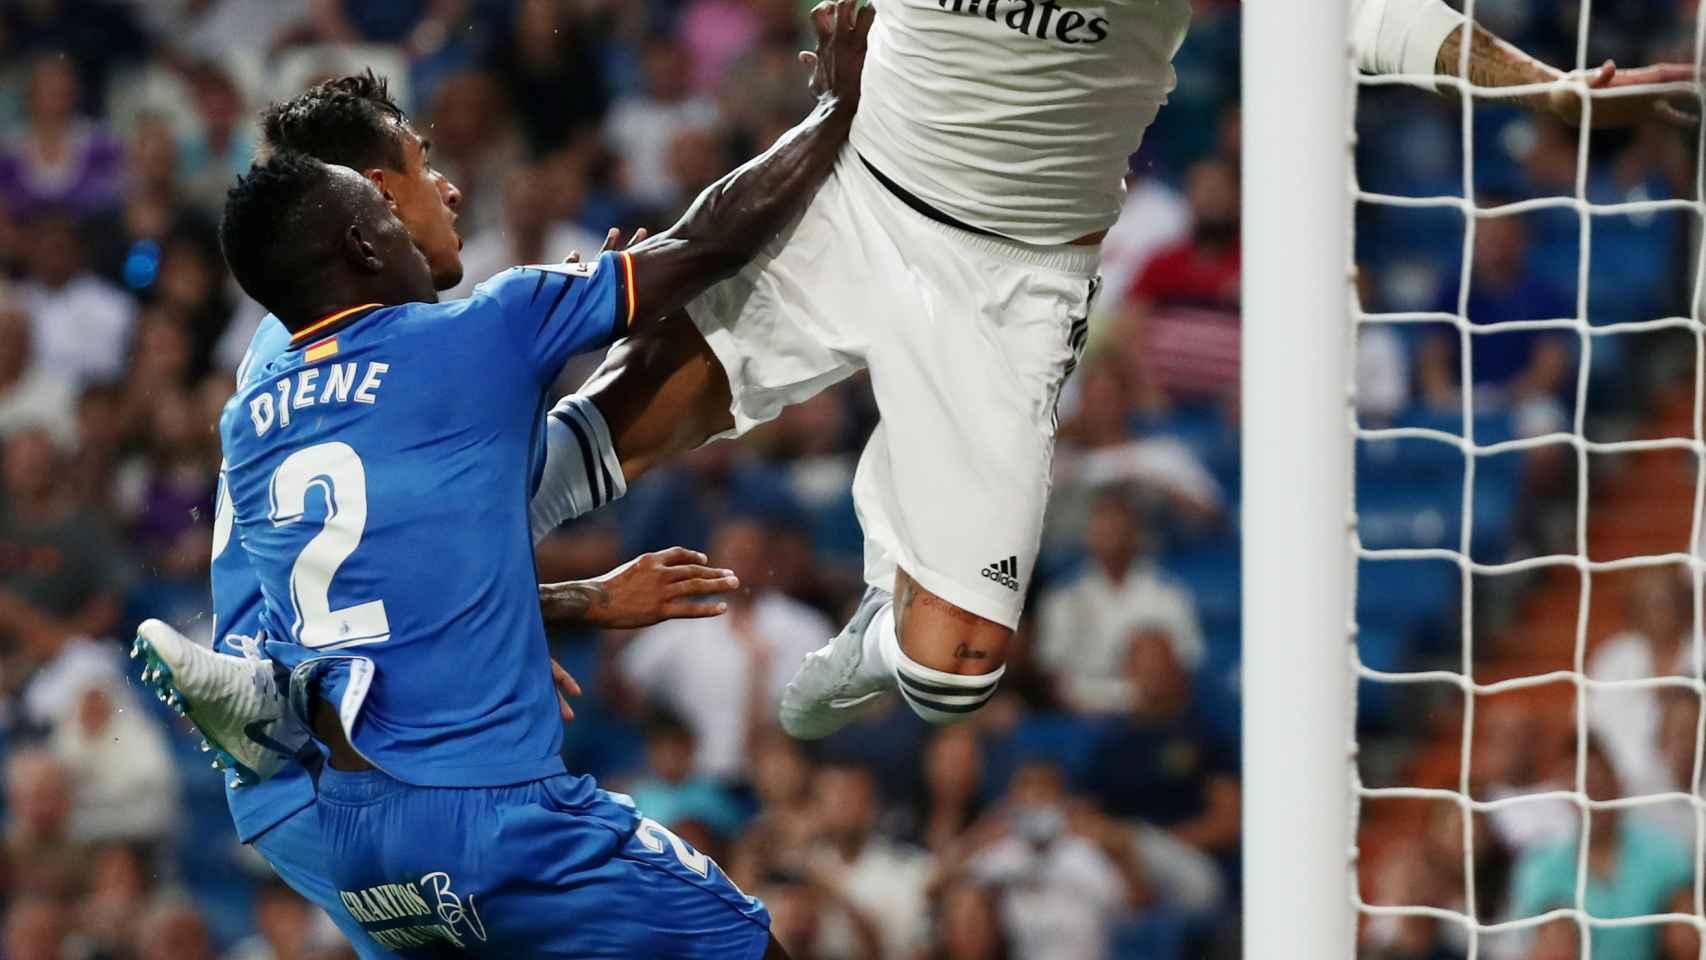 Penalti sobre Sergio Ramos no sancionado por jugada inhabilitada por el VAR